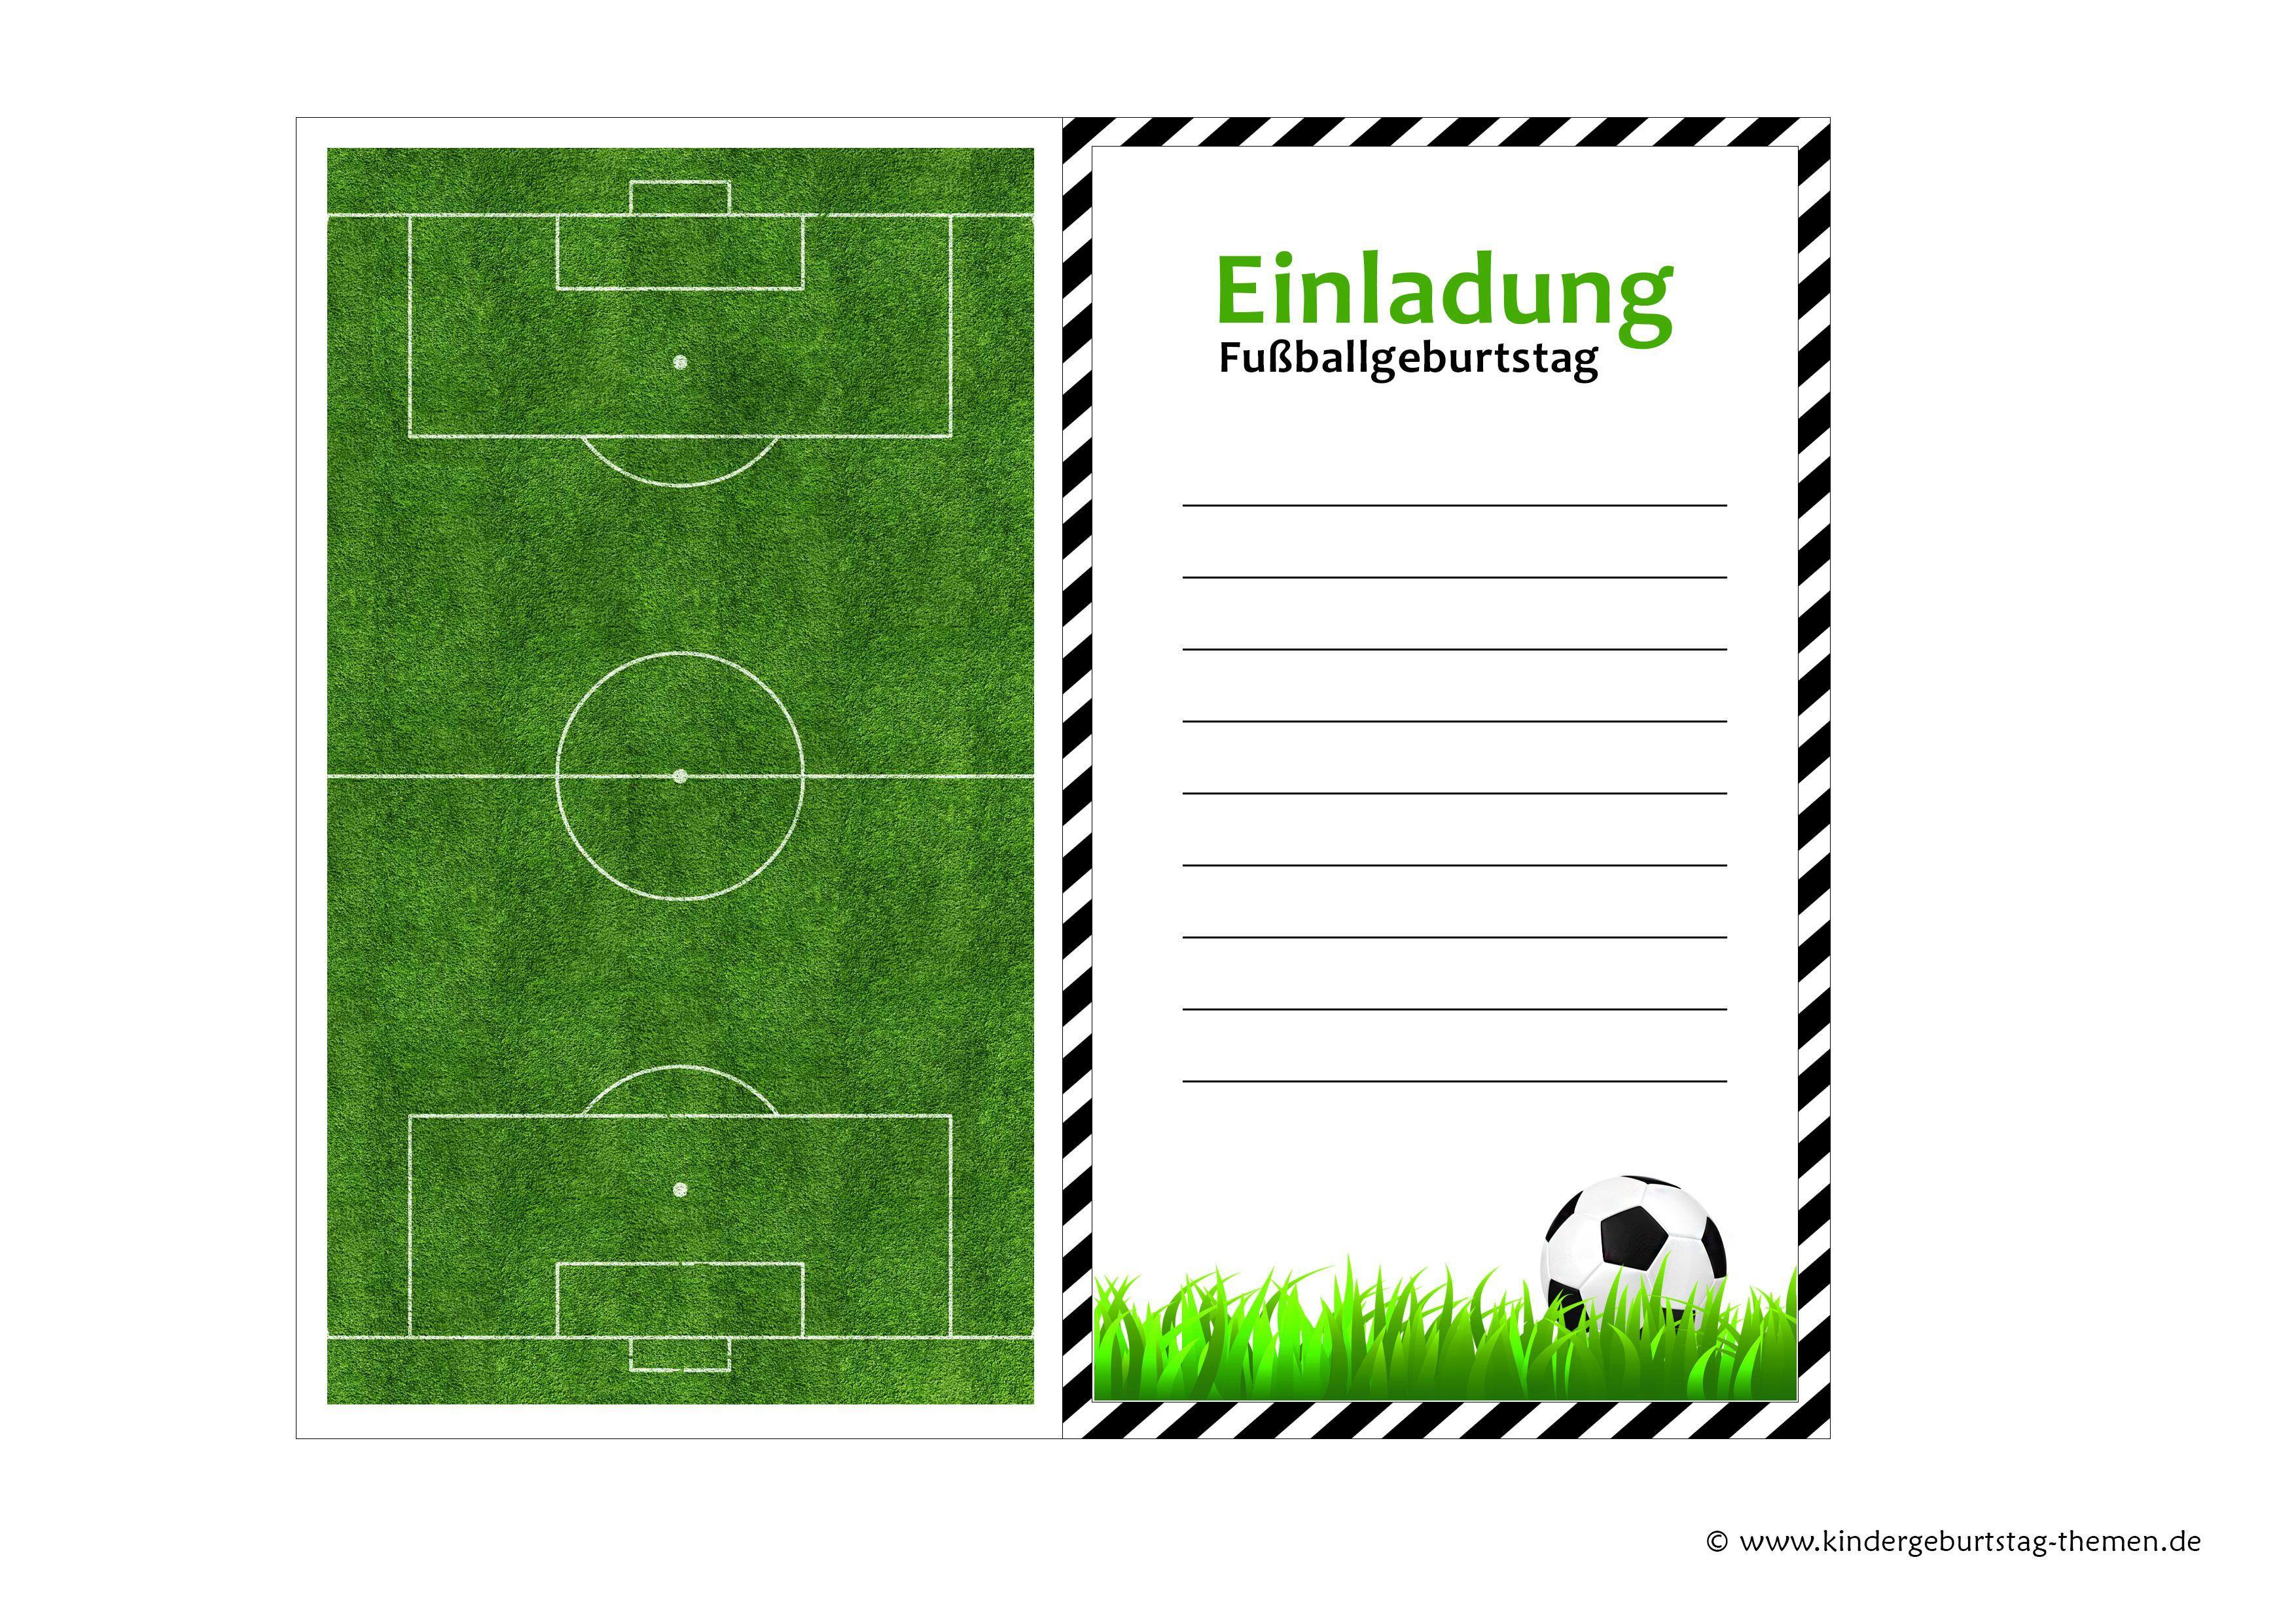 Awesome Einladungskarten Kindergeburtstag Fusball Kostenlos #1: Geburtstag Einladung Kostenlos - Einladungen Ideen